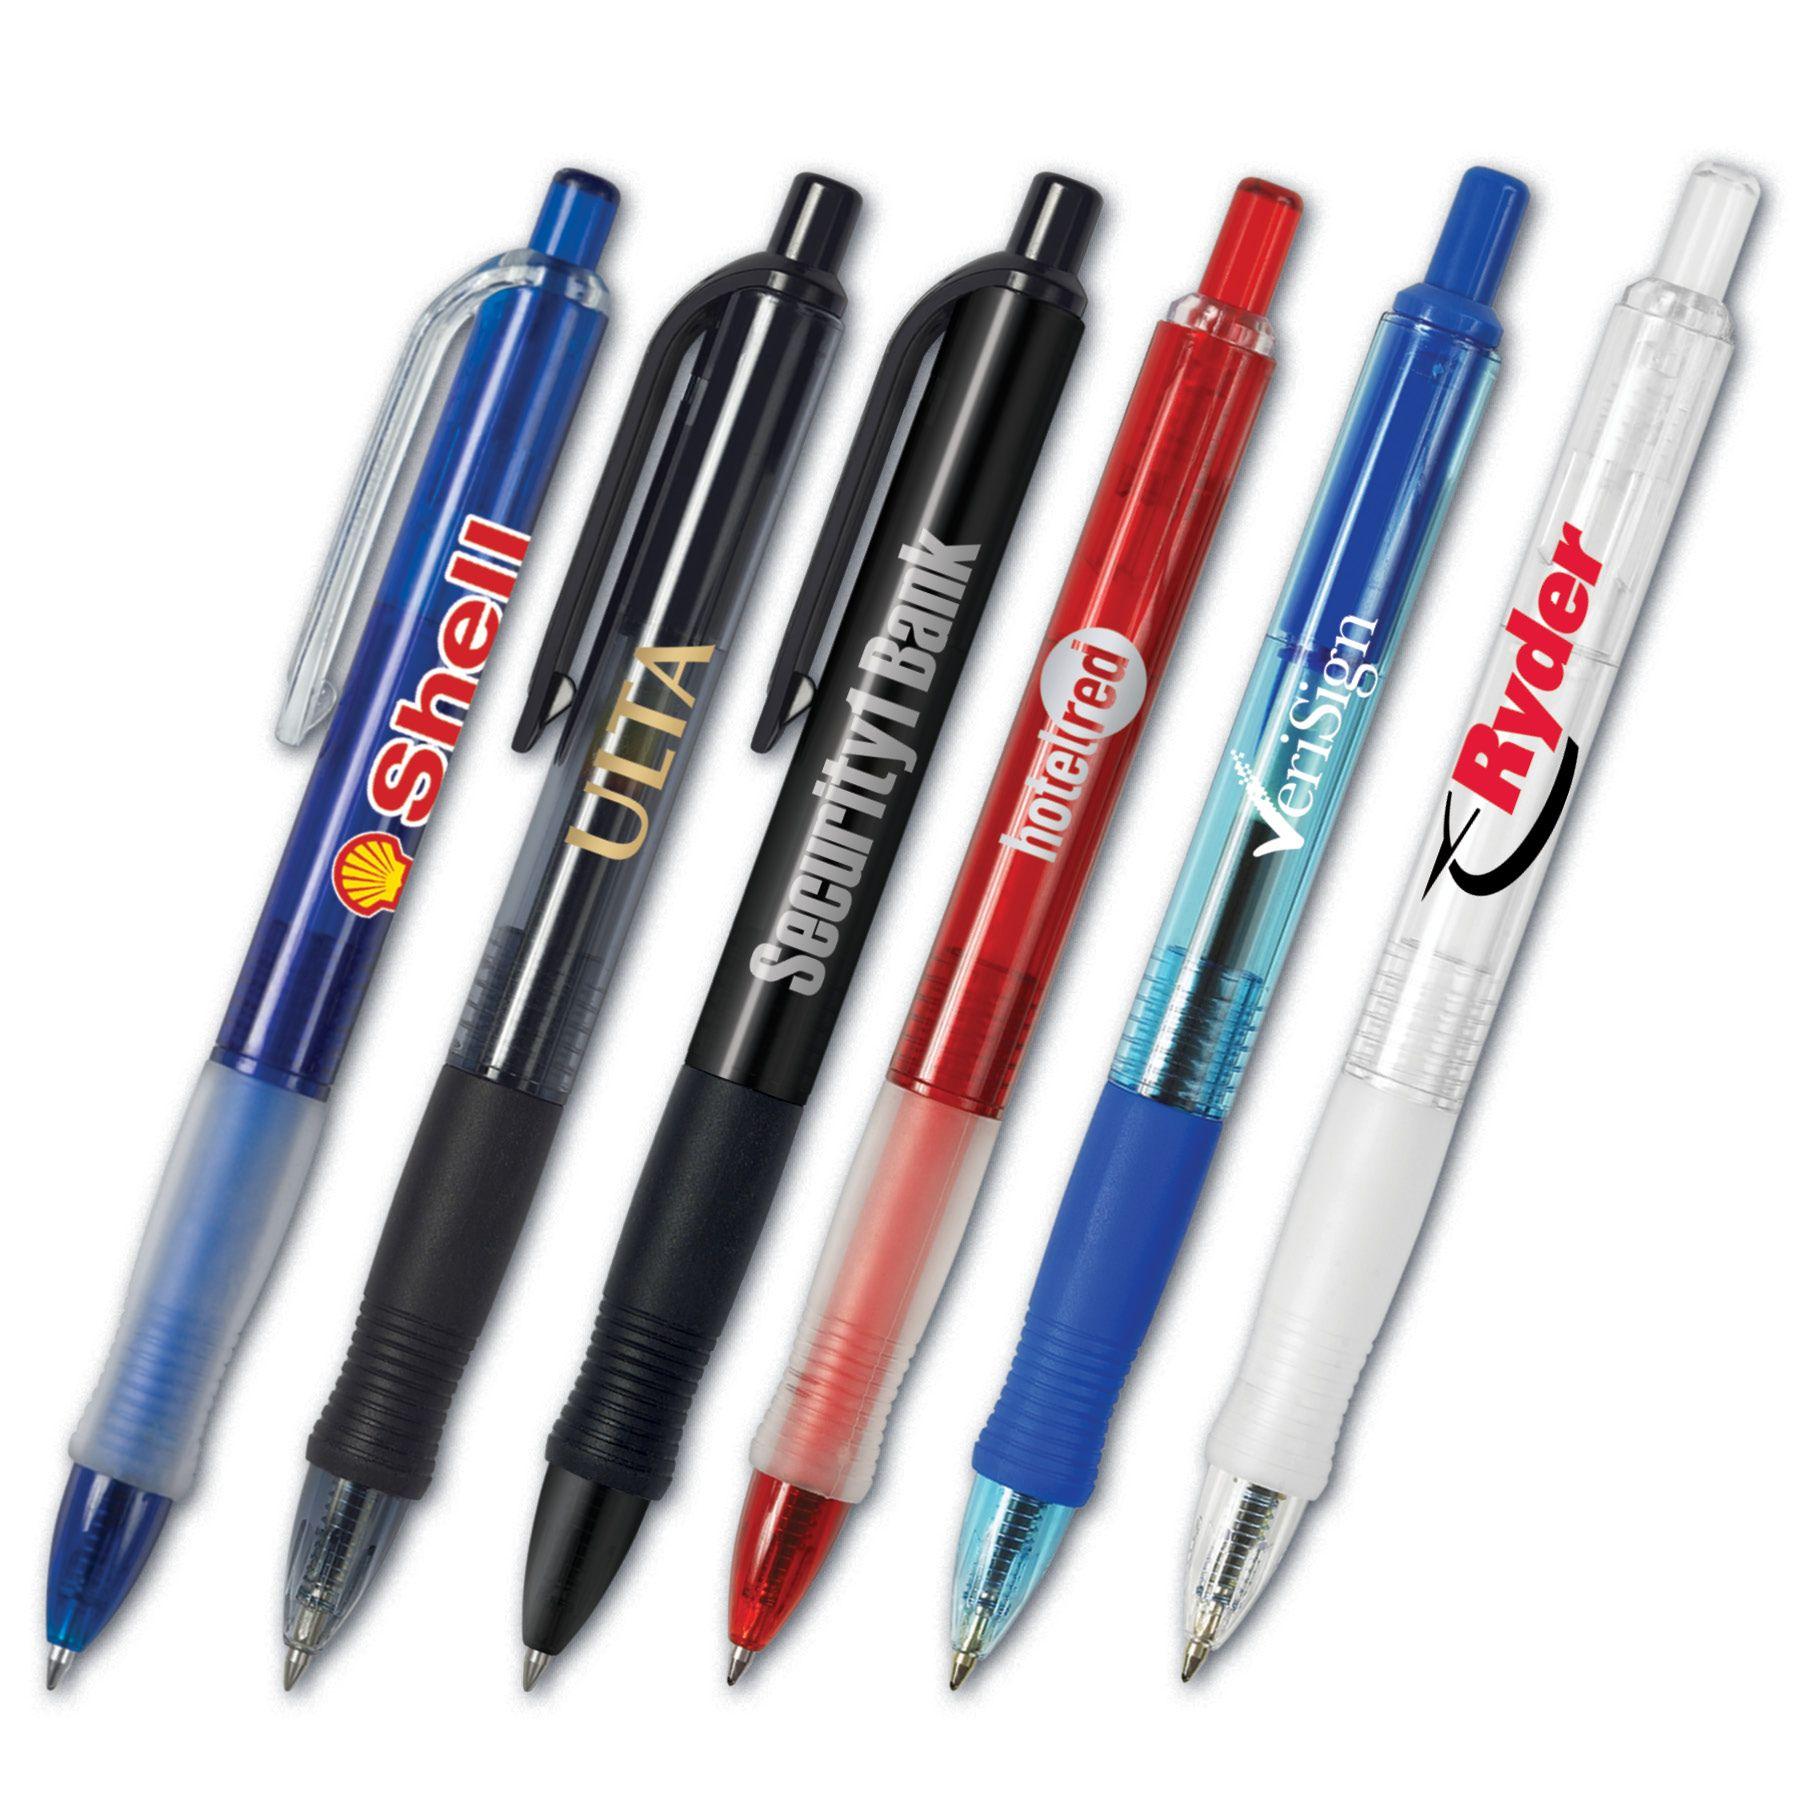 Gel Pens